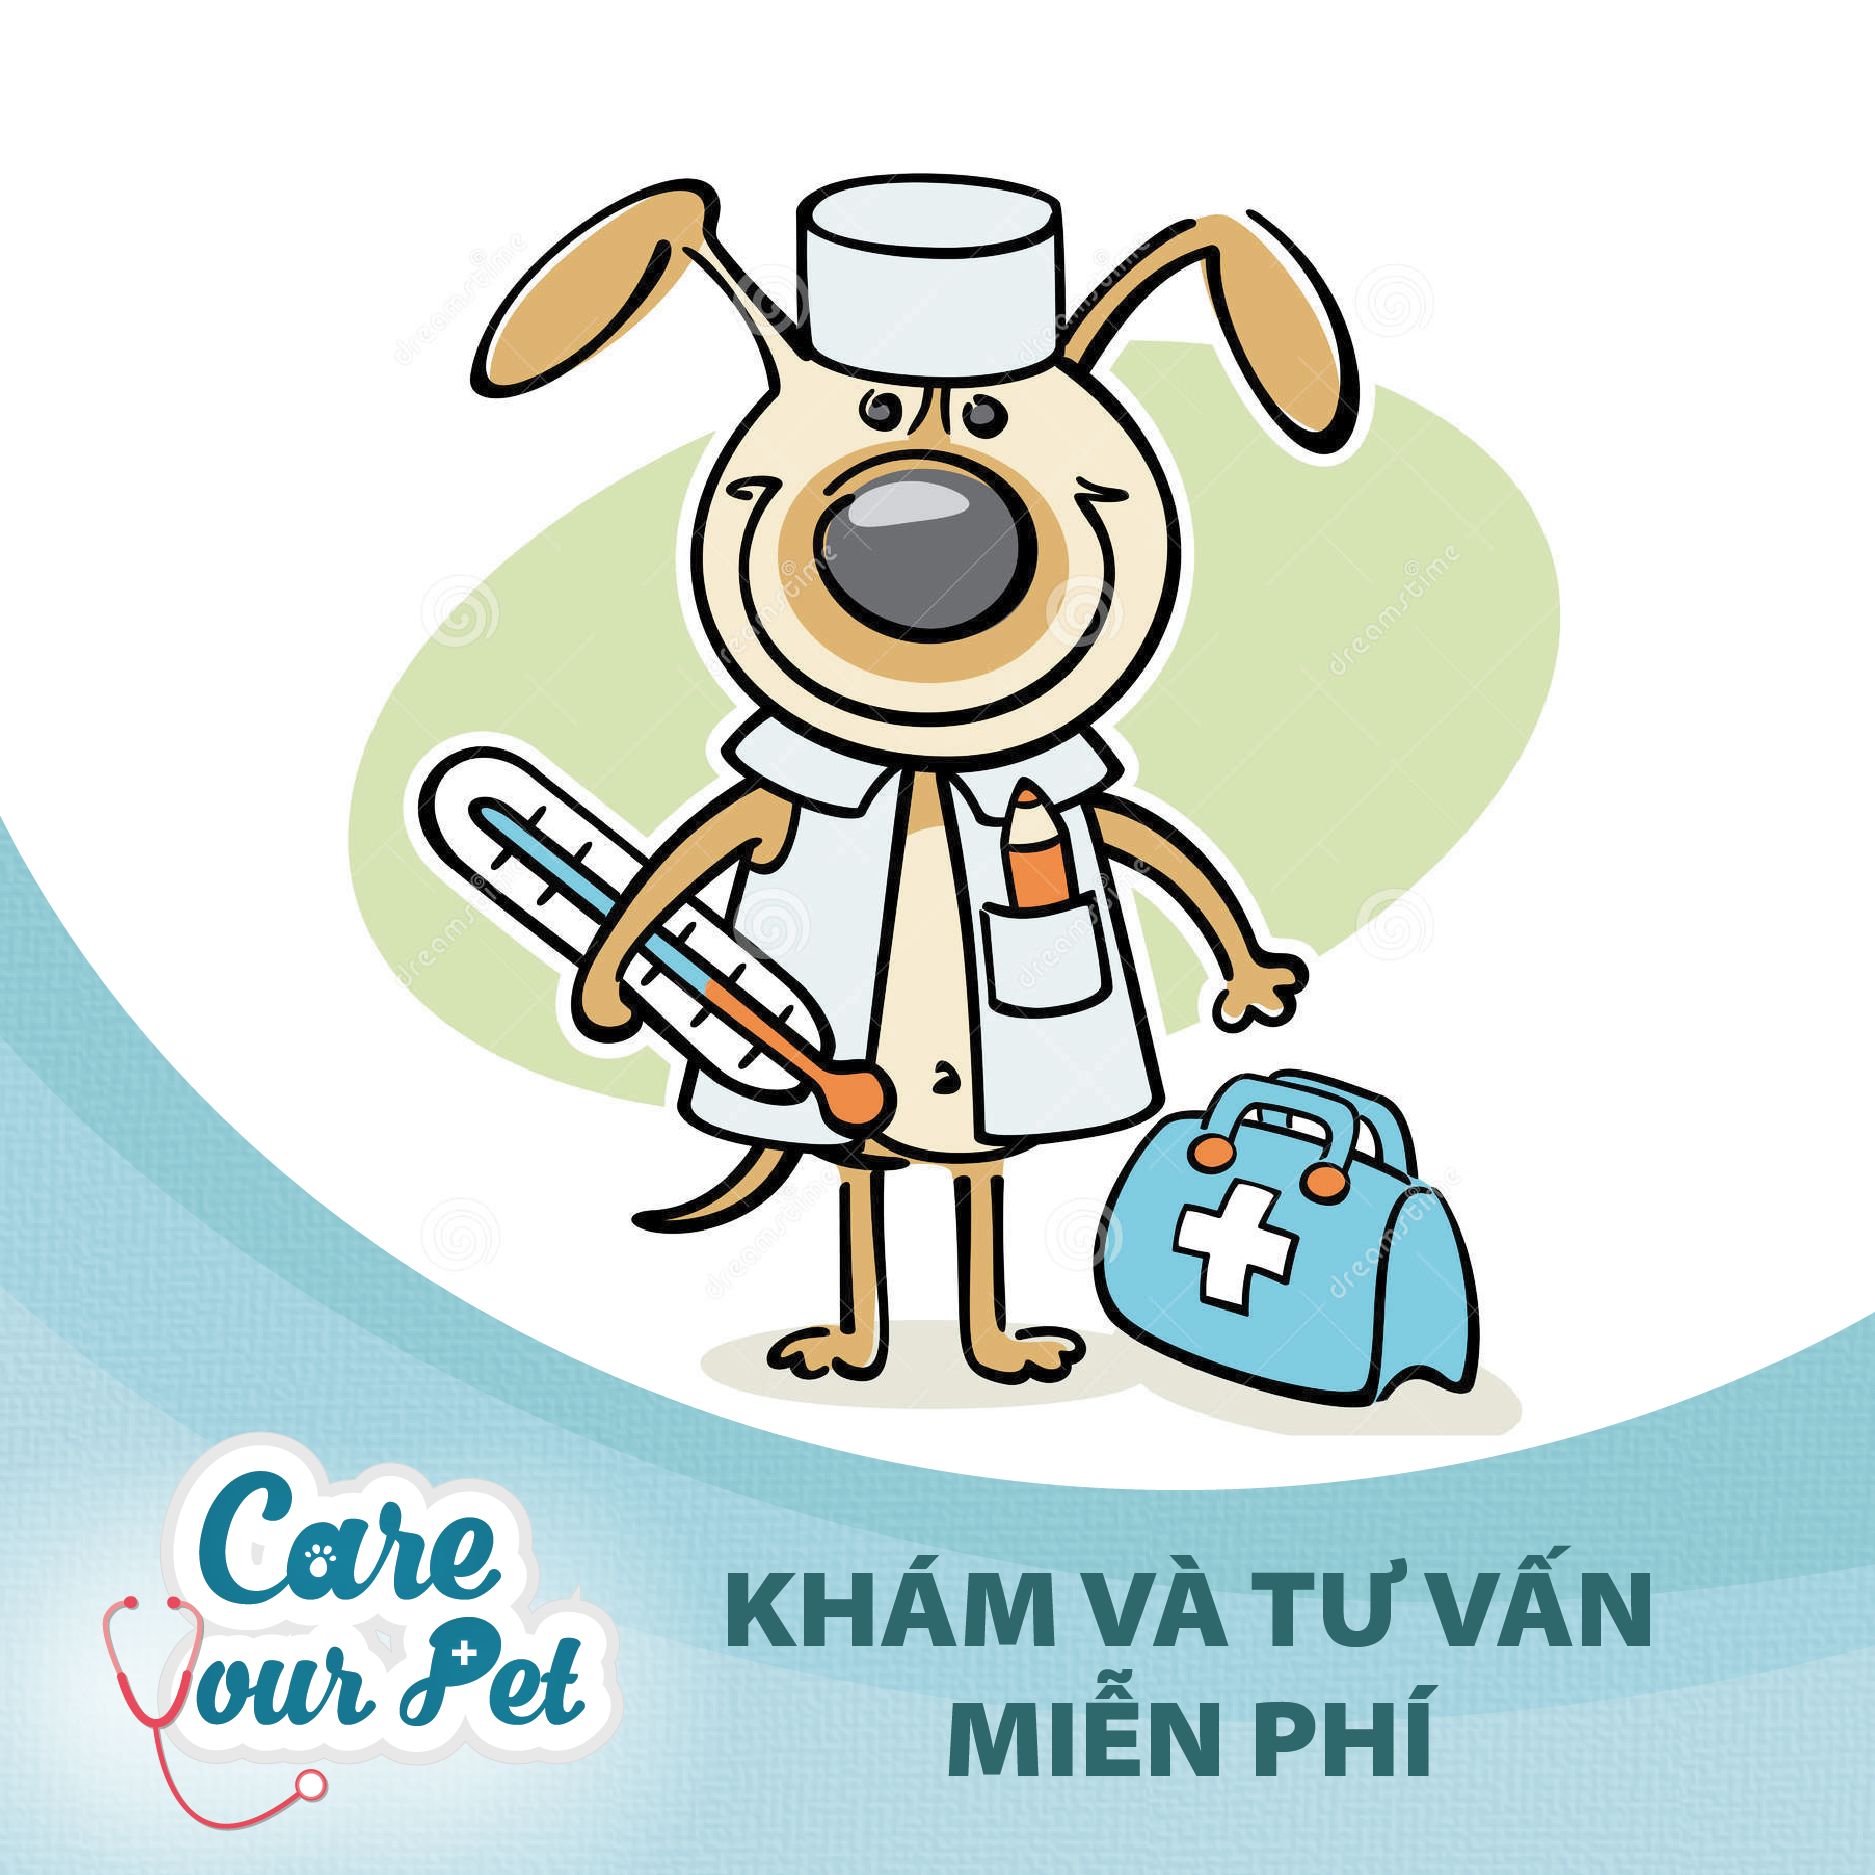 [CARE YOUR PET] Ngày Hội Khám Chữa Bệnh Miễn Phí Cho Thú Cưng